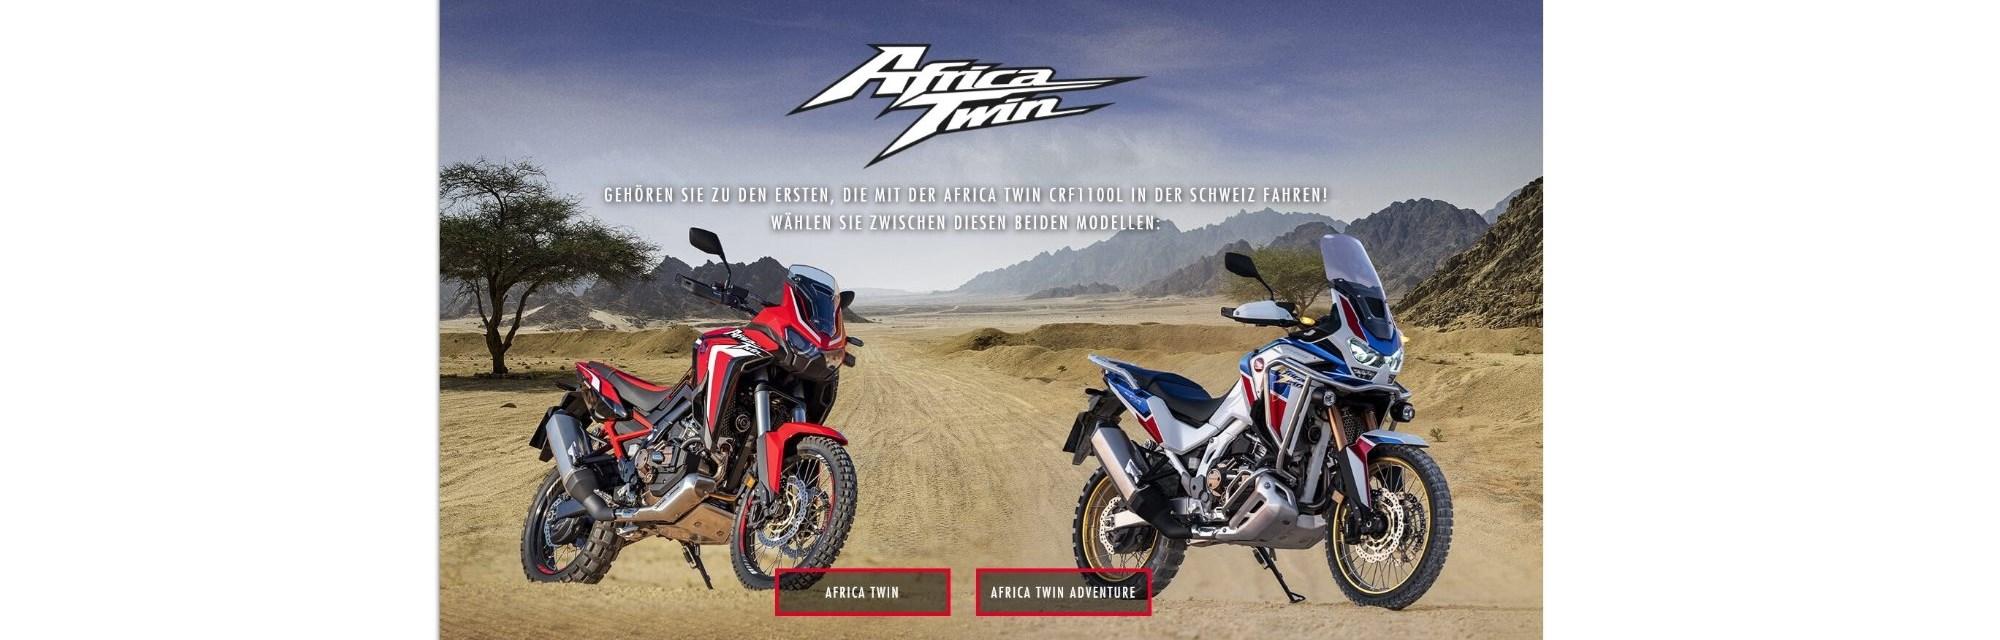 Die neuen Africa Twin Modelle 2020 jetzt vorbestellen. Bereits ab 15'730 CHF